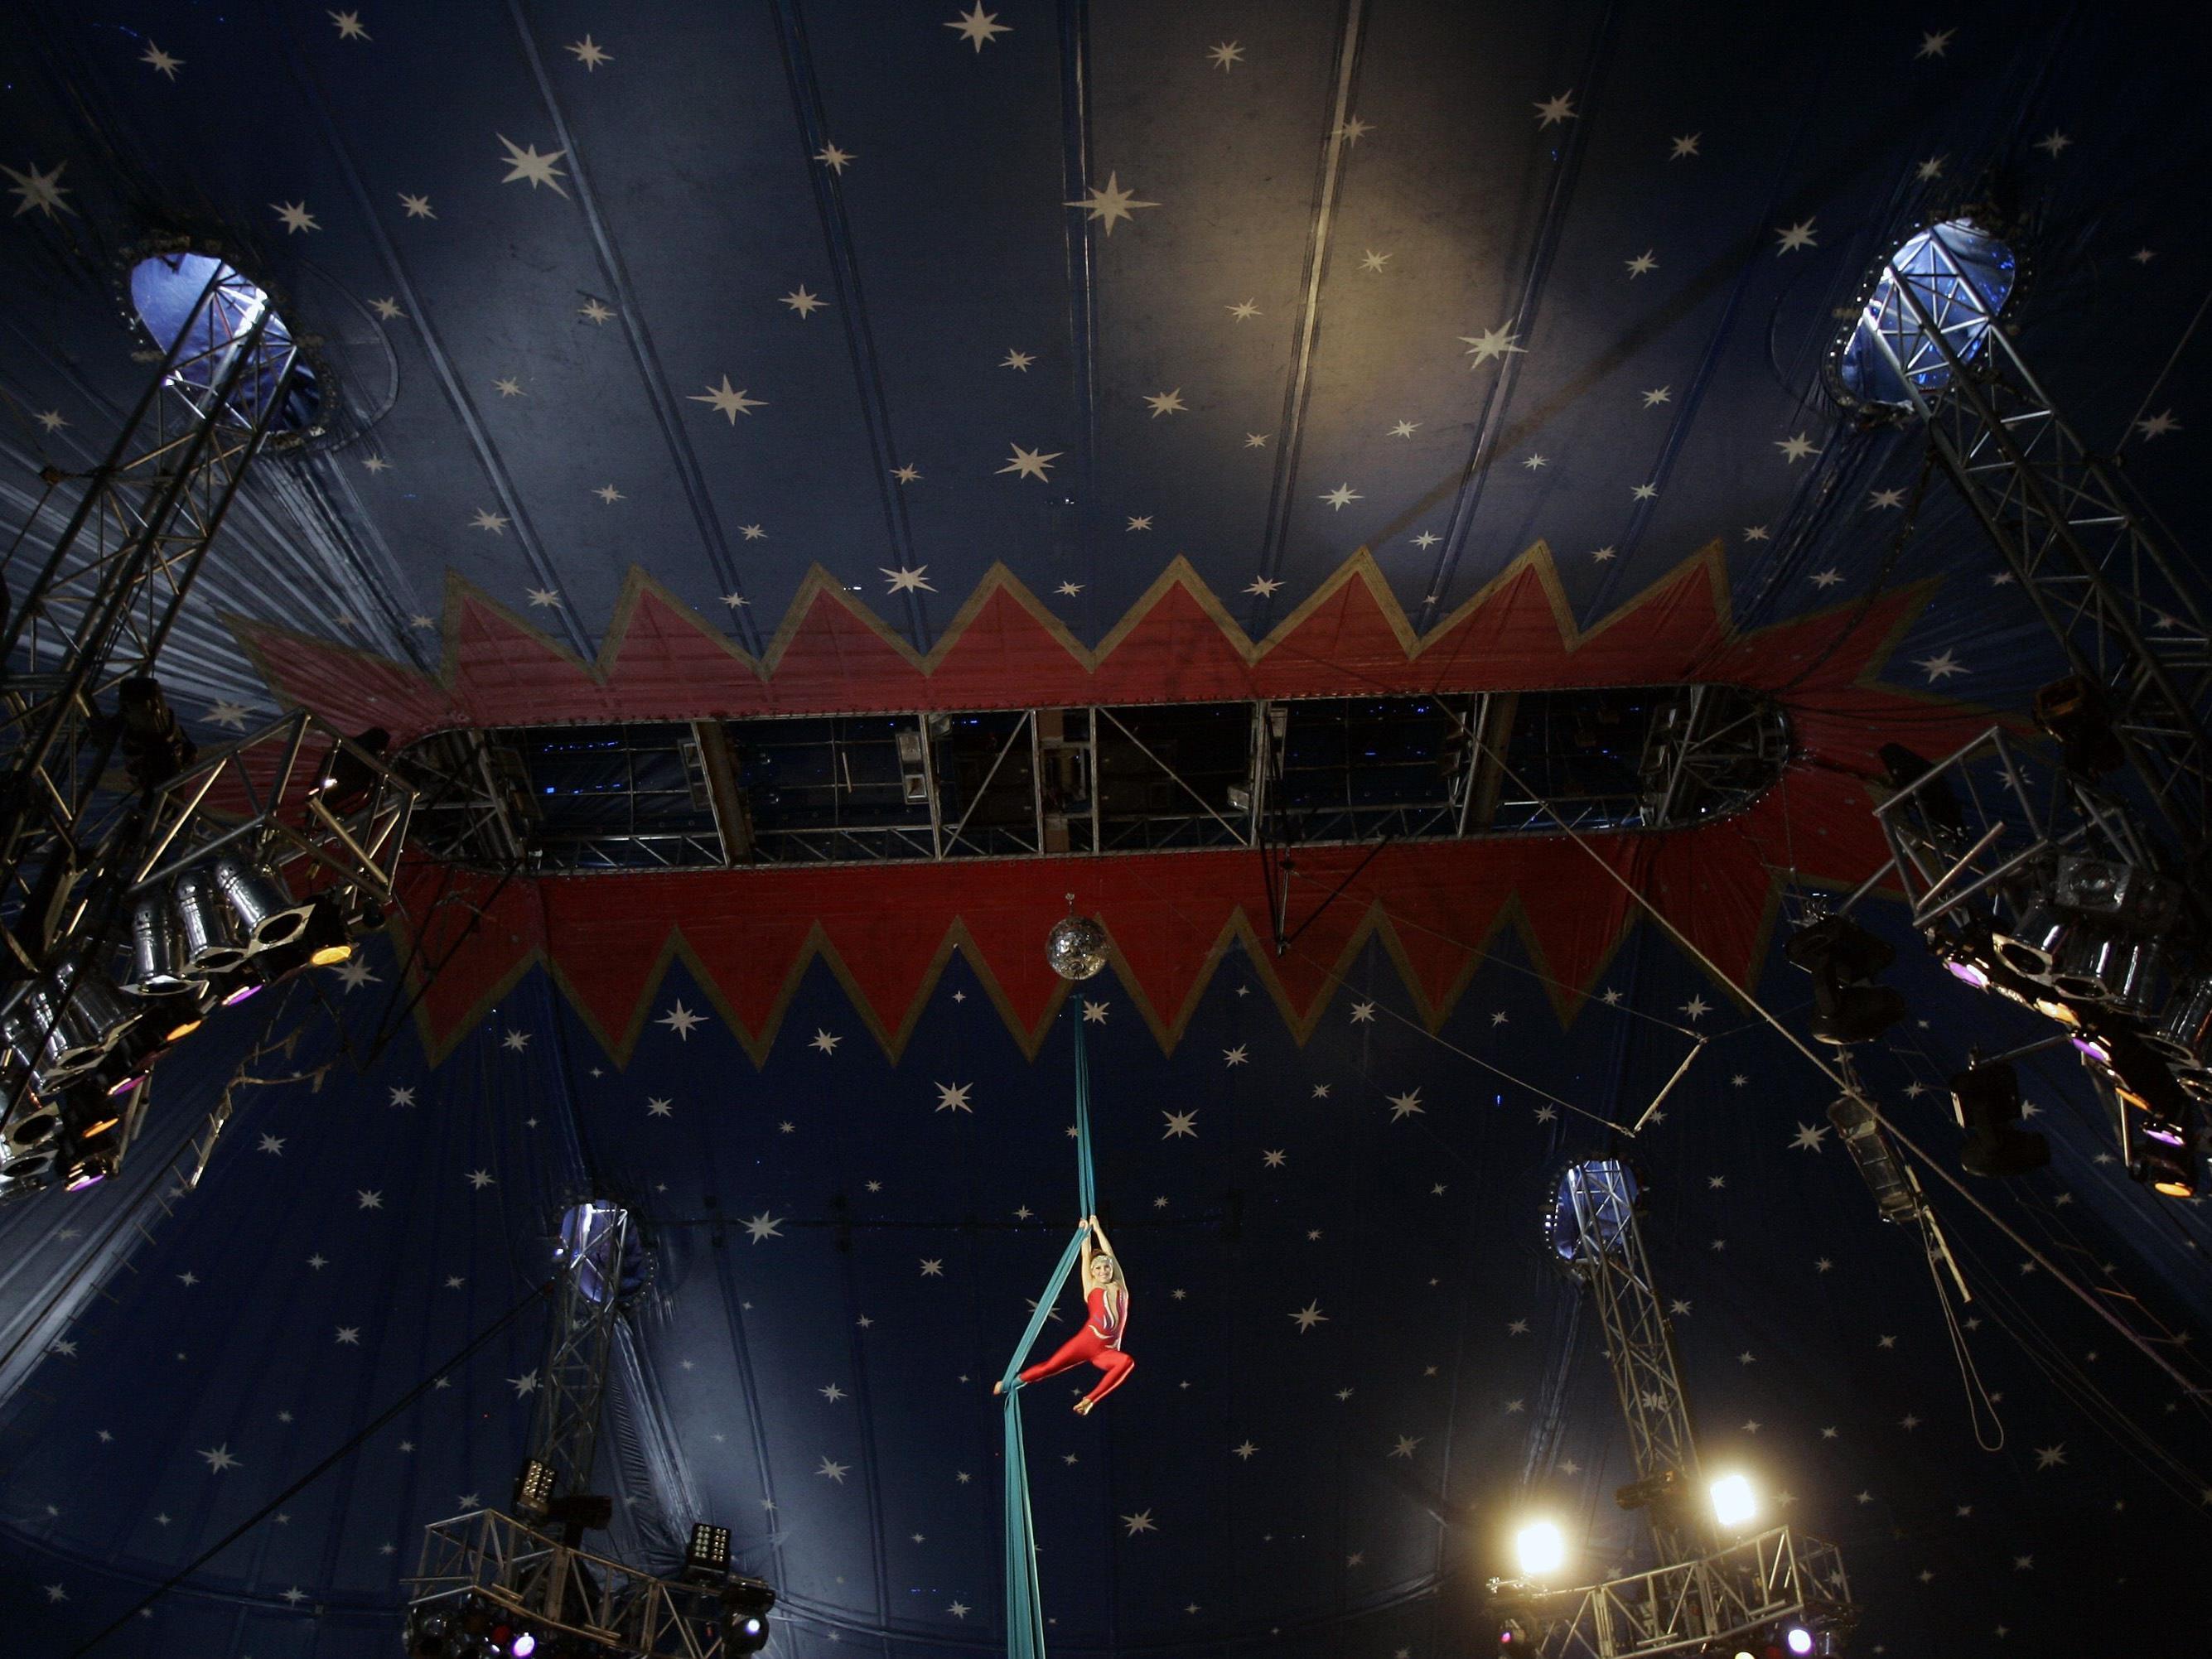 In diesem Video wird eine Zirkus-Katastrophe von Ende bis Anfang gezeigt.